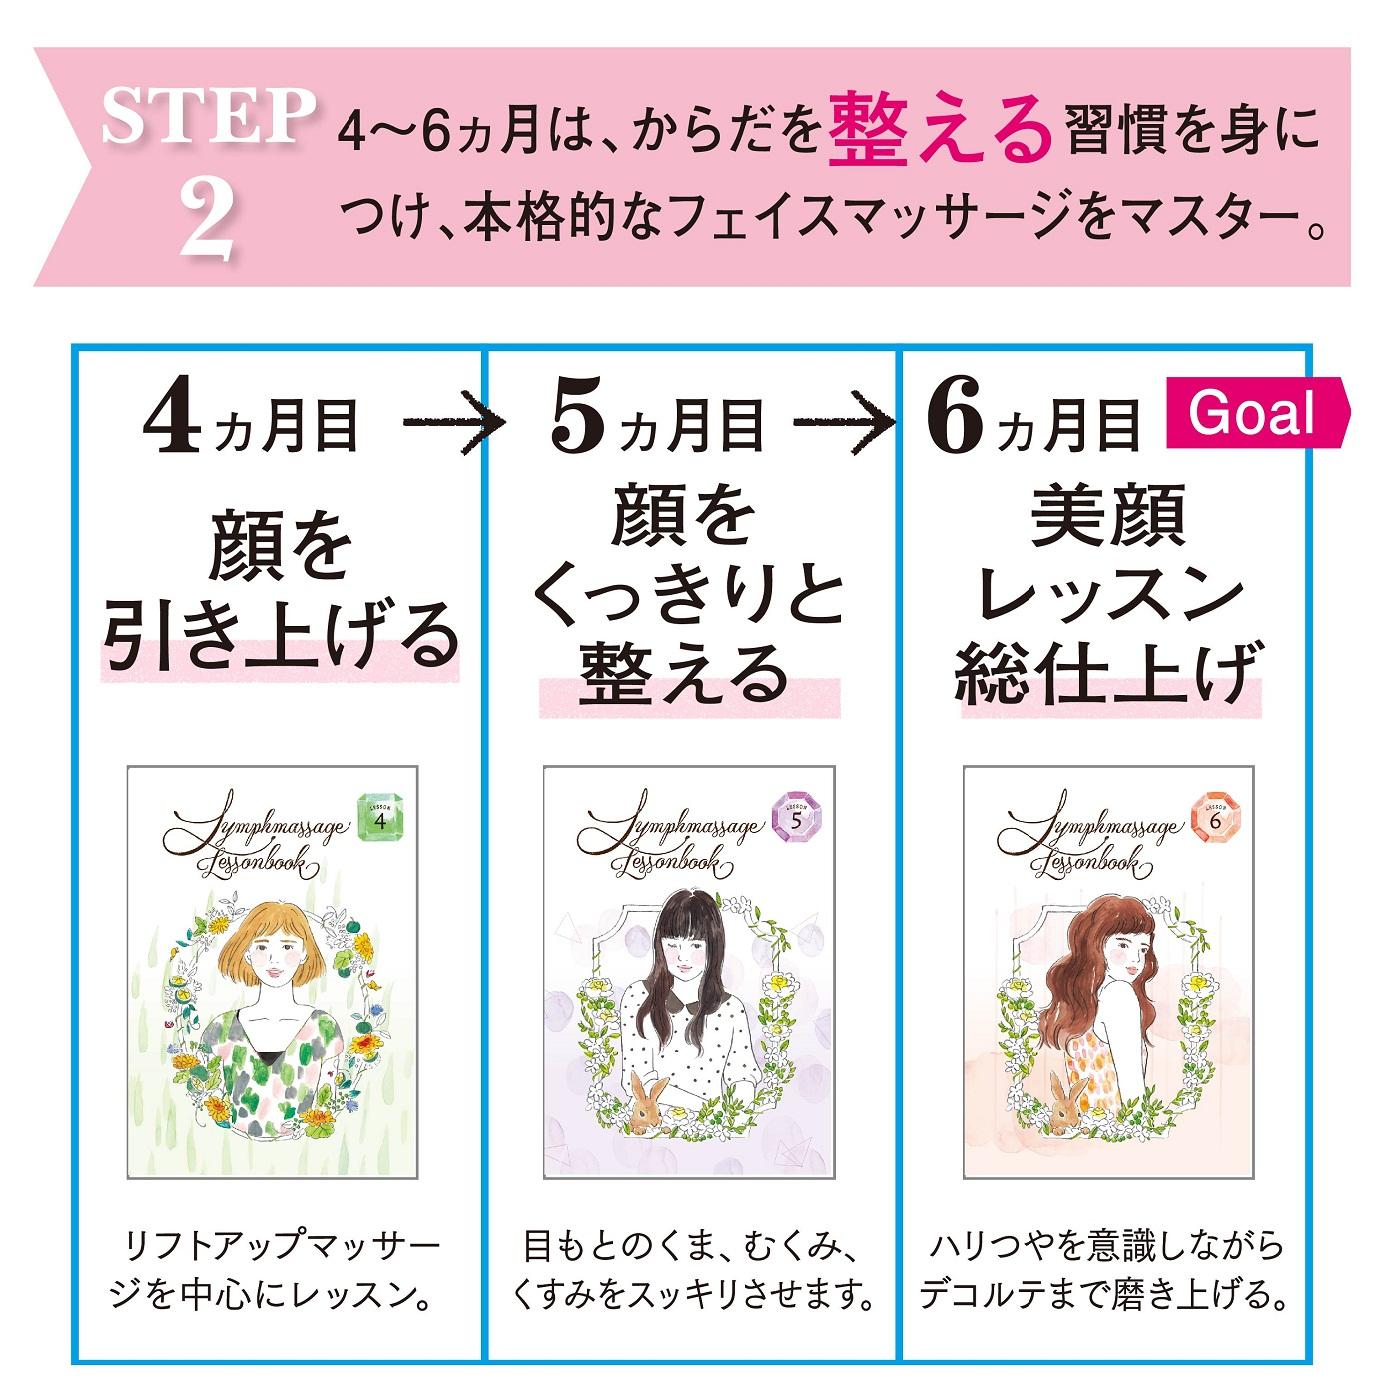 【STEP2】 整える習慣&本格的なフェイスマッサージをマスターする3ヵ月。